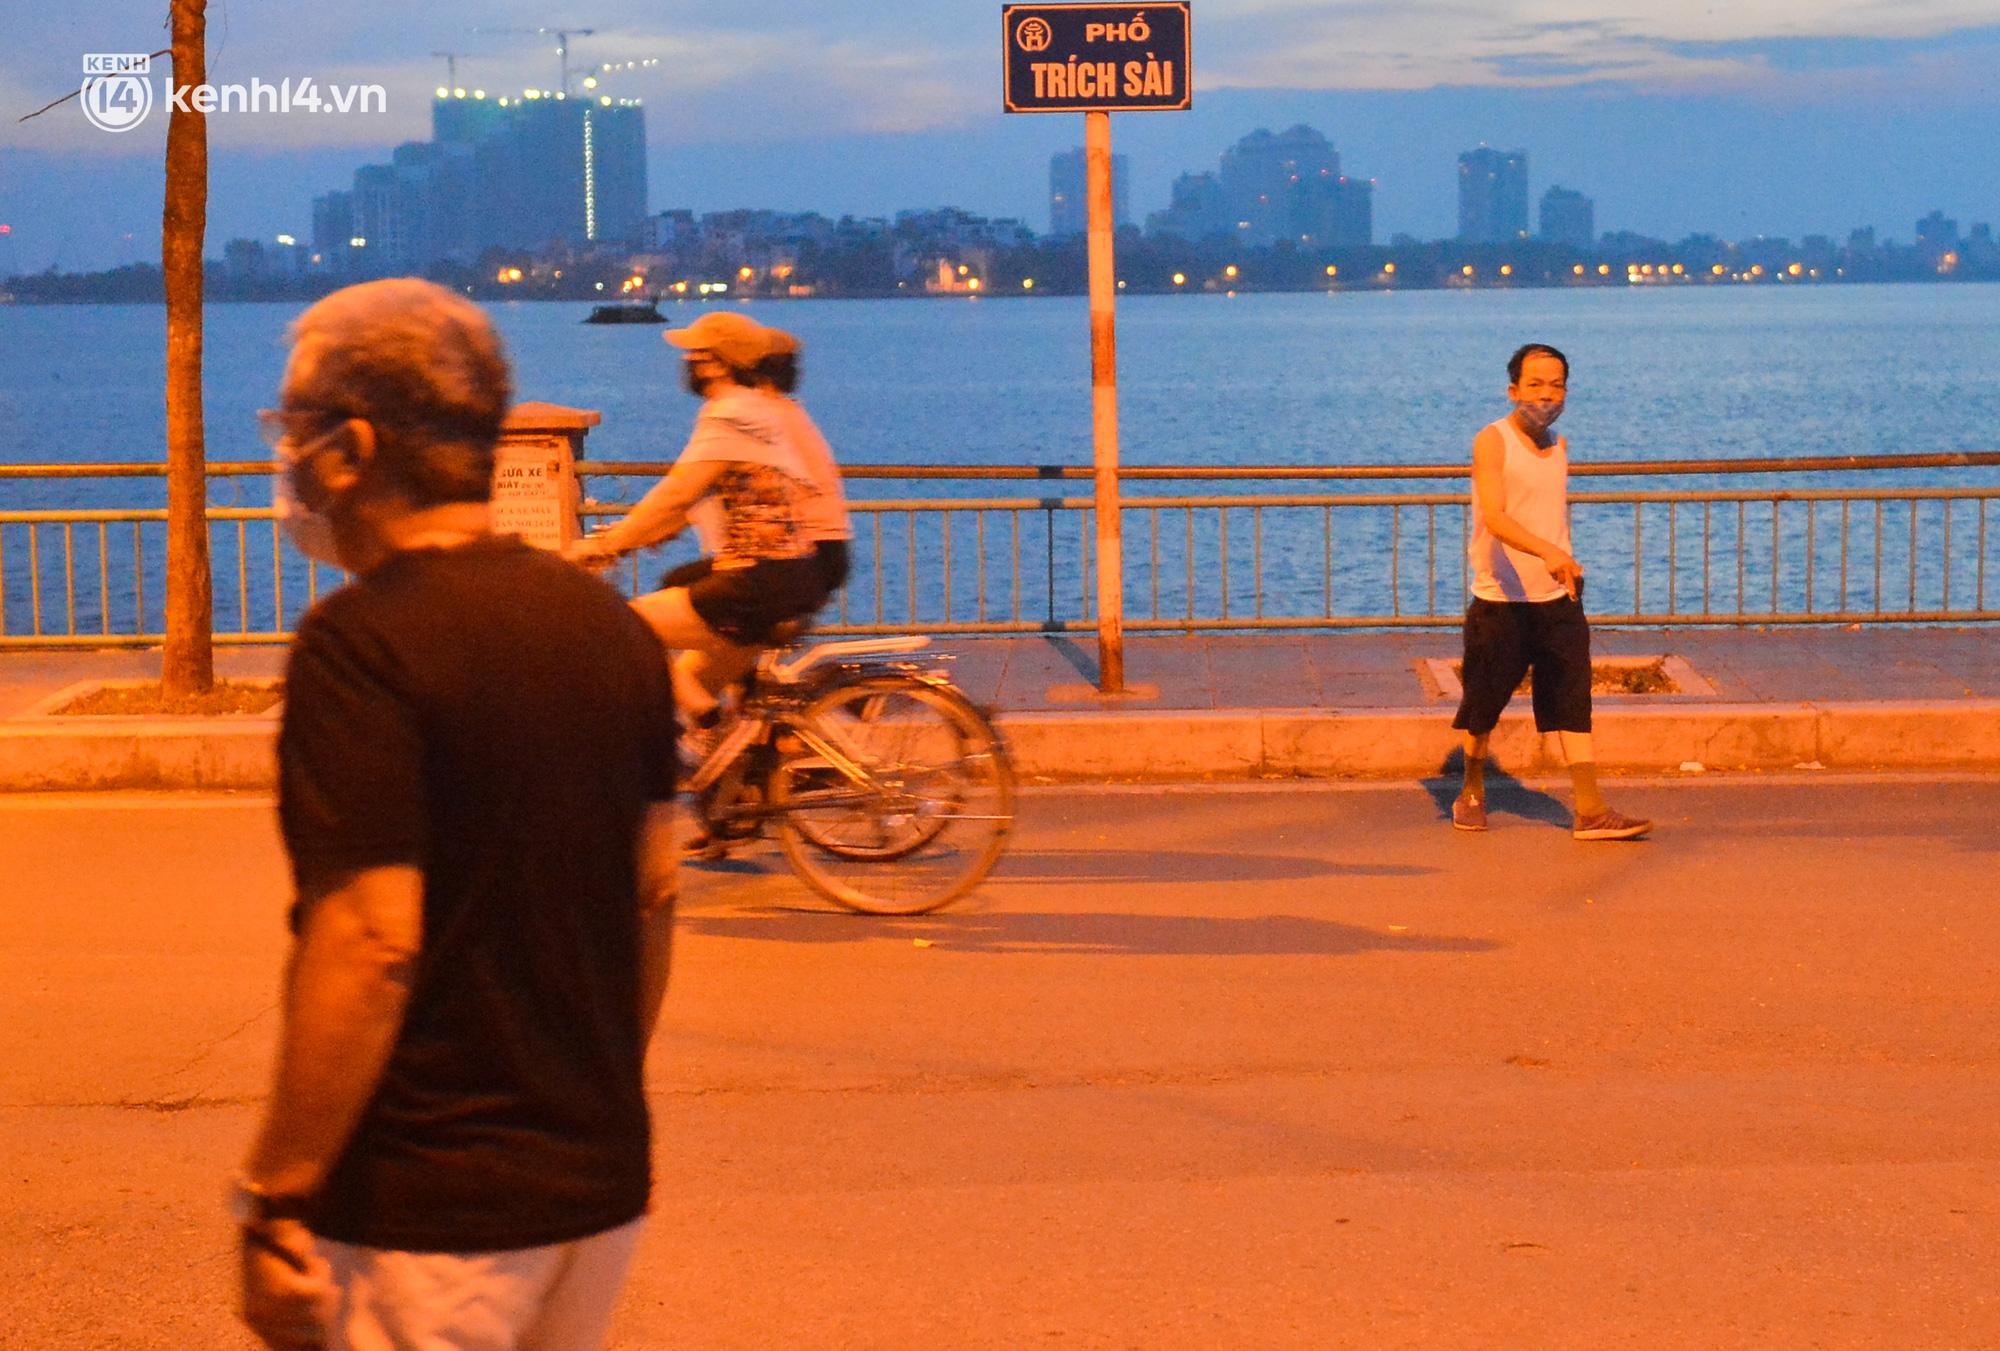 Hà Nội: Người dân né chốt, nửa đêm đến hồ Gươm tập thể dục dù công an canh gác xuyên đêm - Ảnh 19.